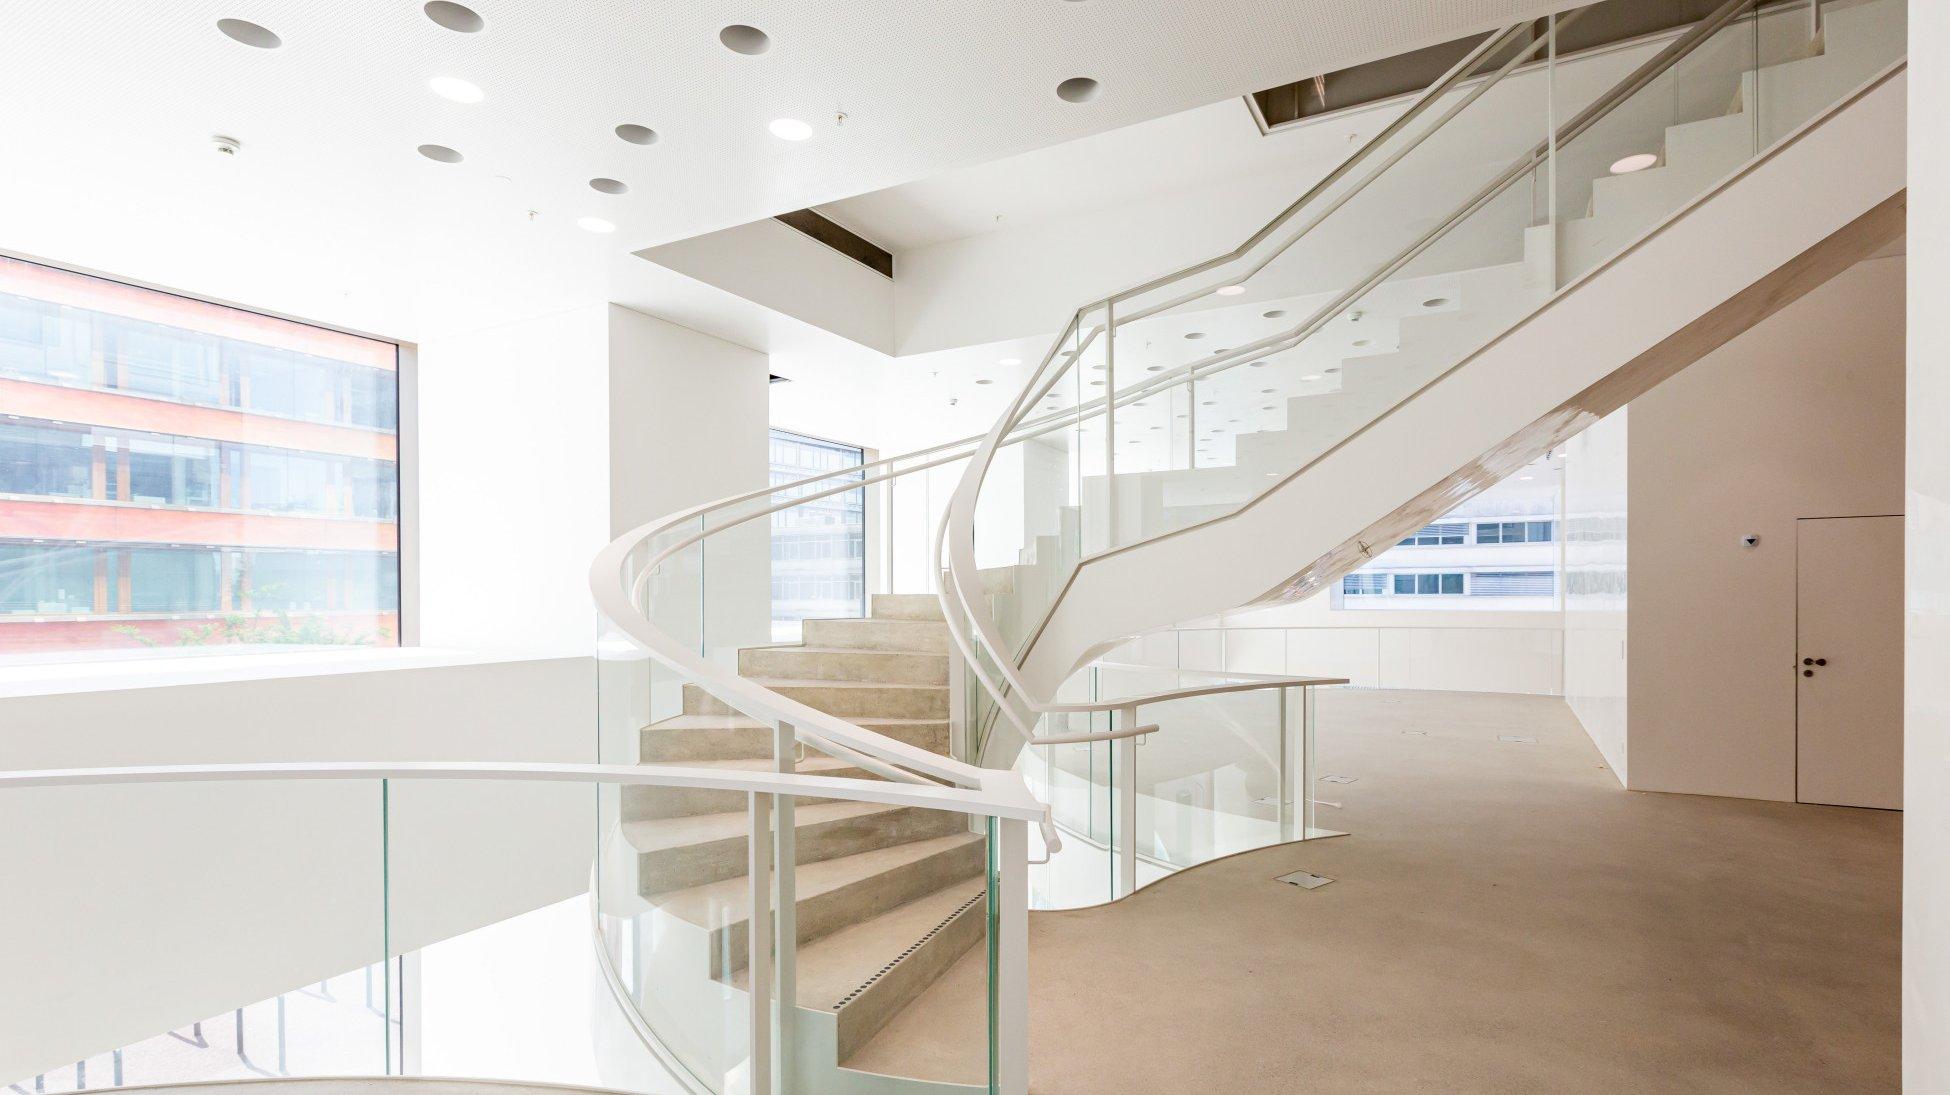 Neubau Core & Shell Basel Biozentrum